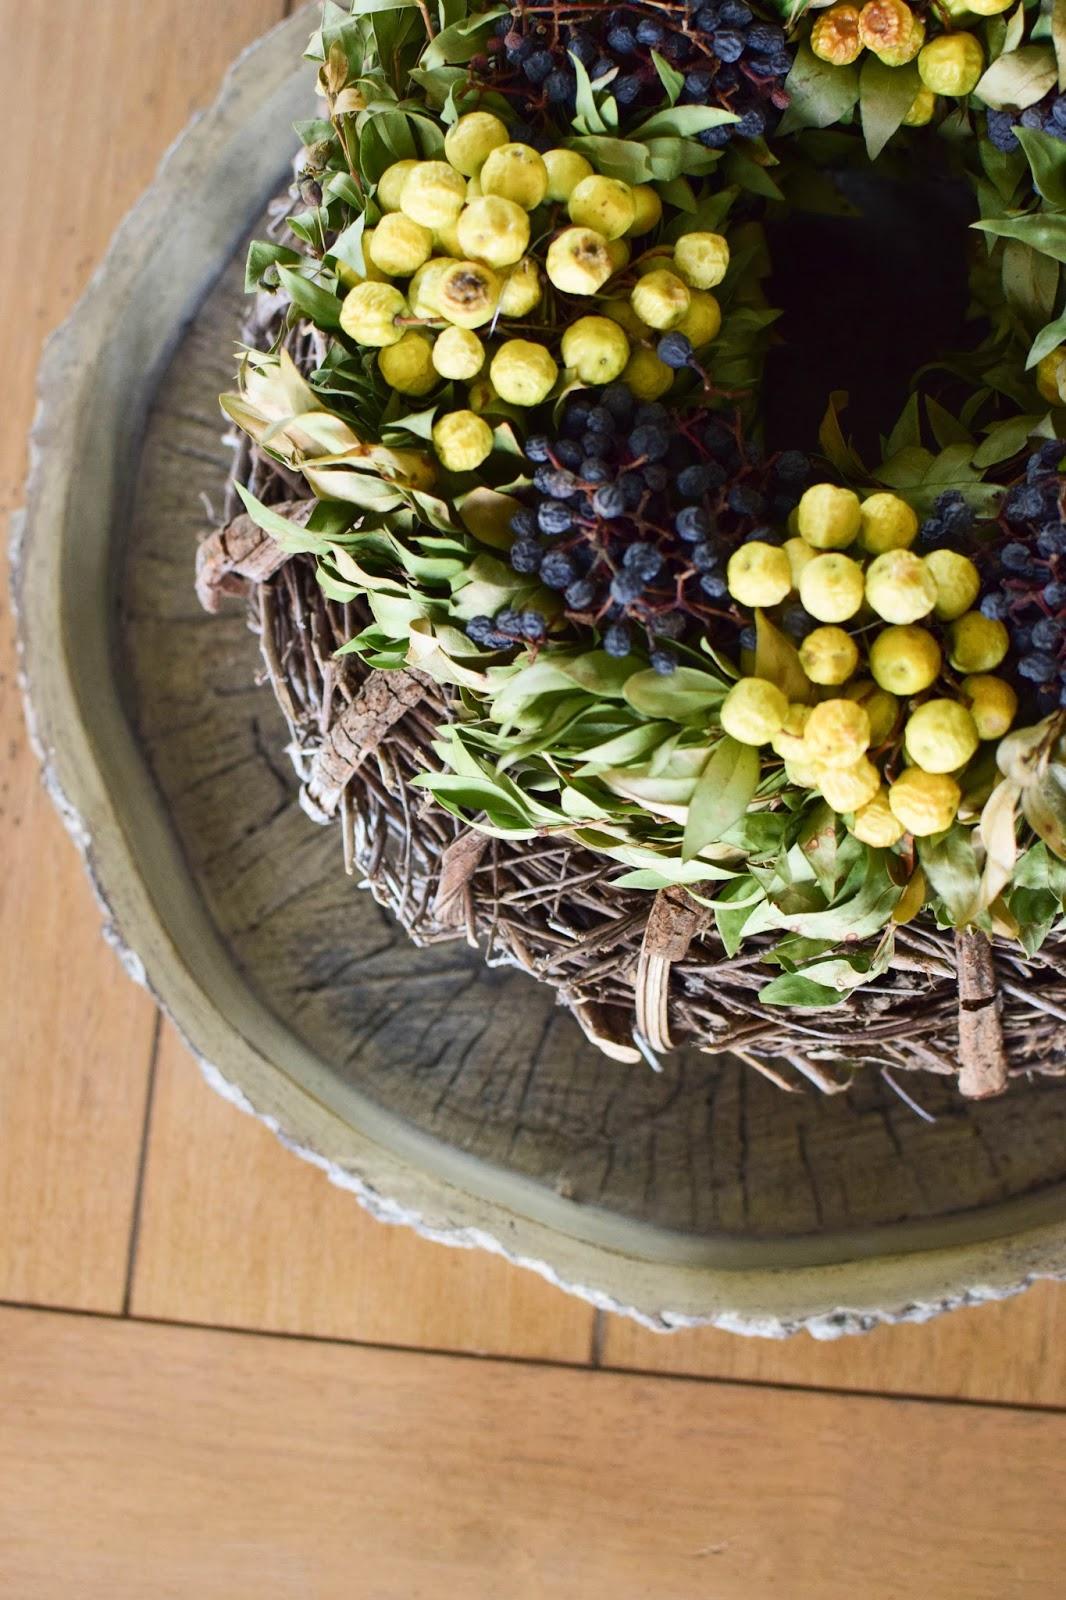 Deko für den Tisch im Winter. Wohnzimmer farbenfroh und natürlich dekorieren. Naturdeko Dekoidee Dekoration